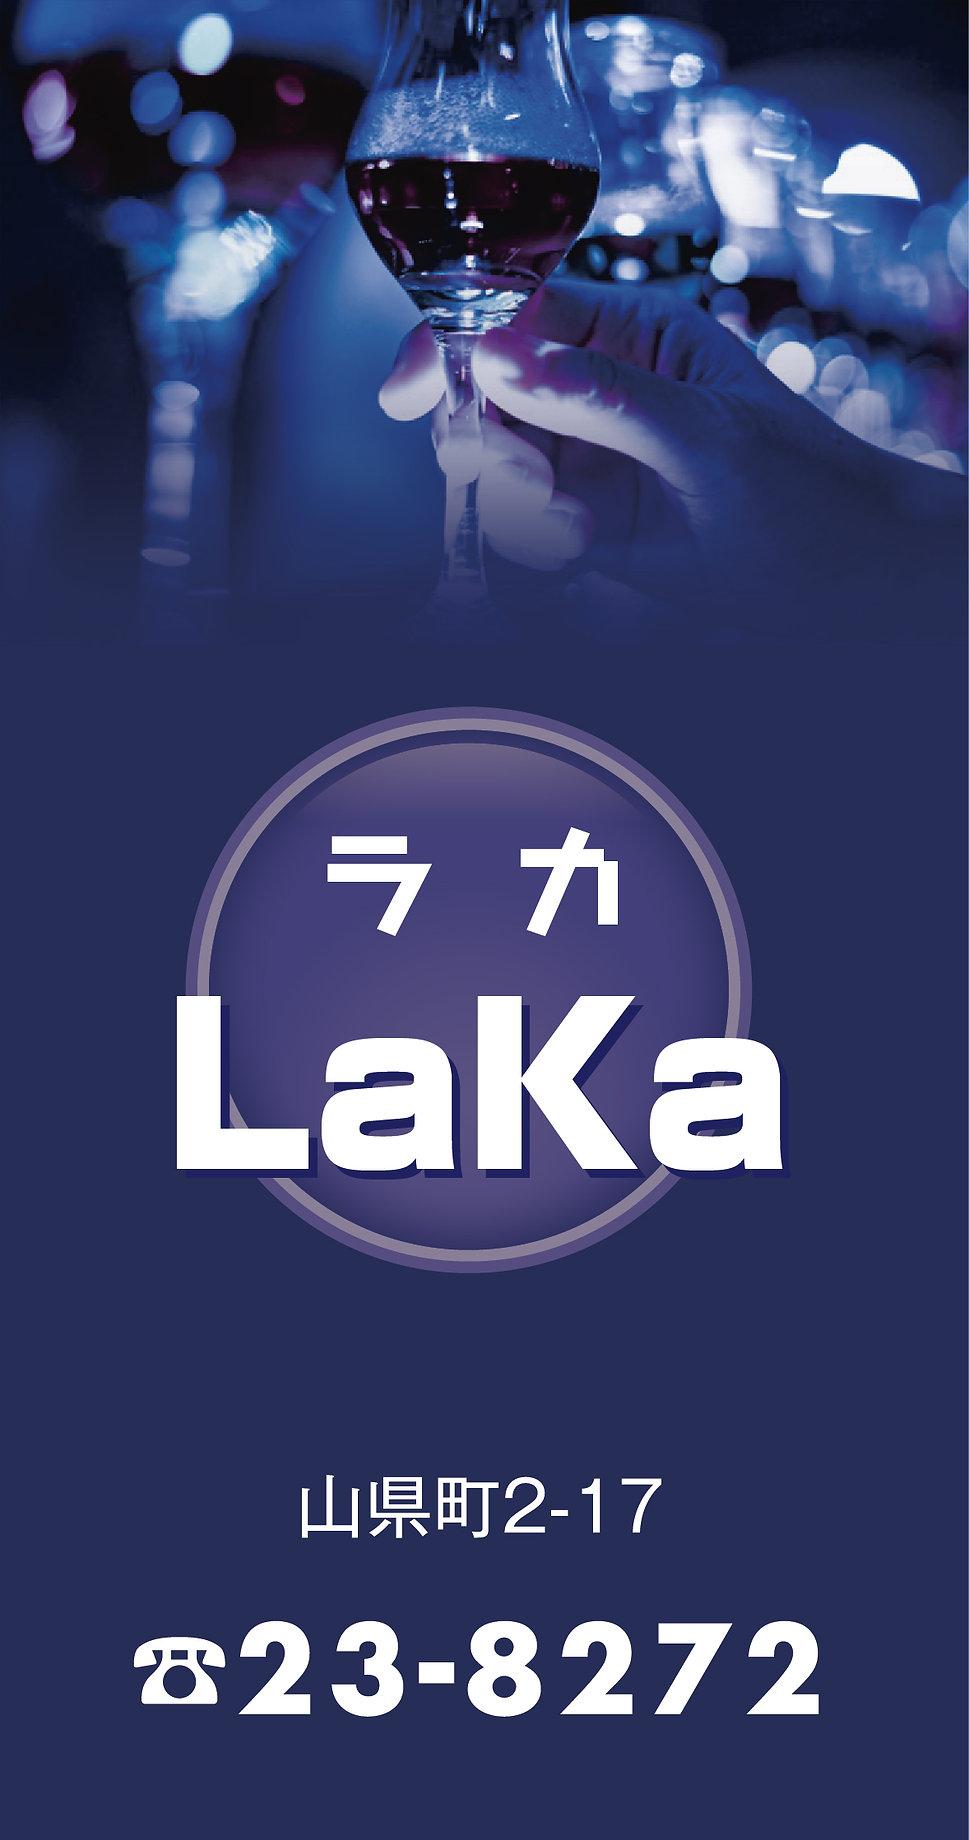 LaKa.jpg